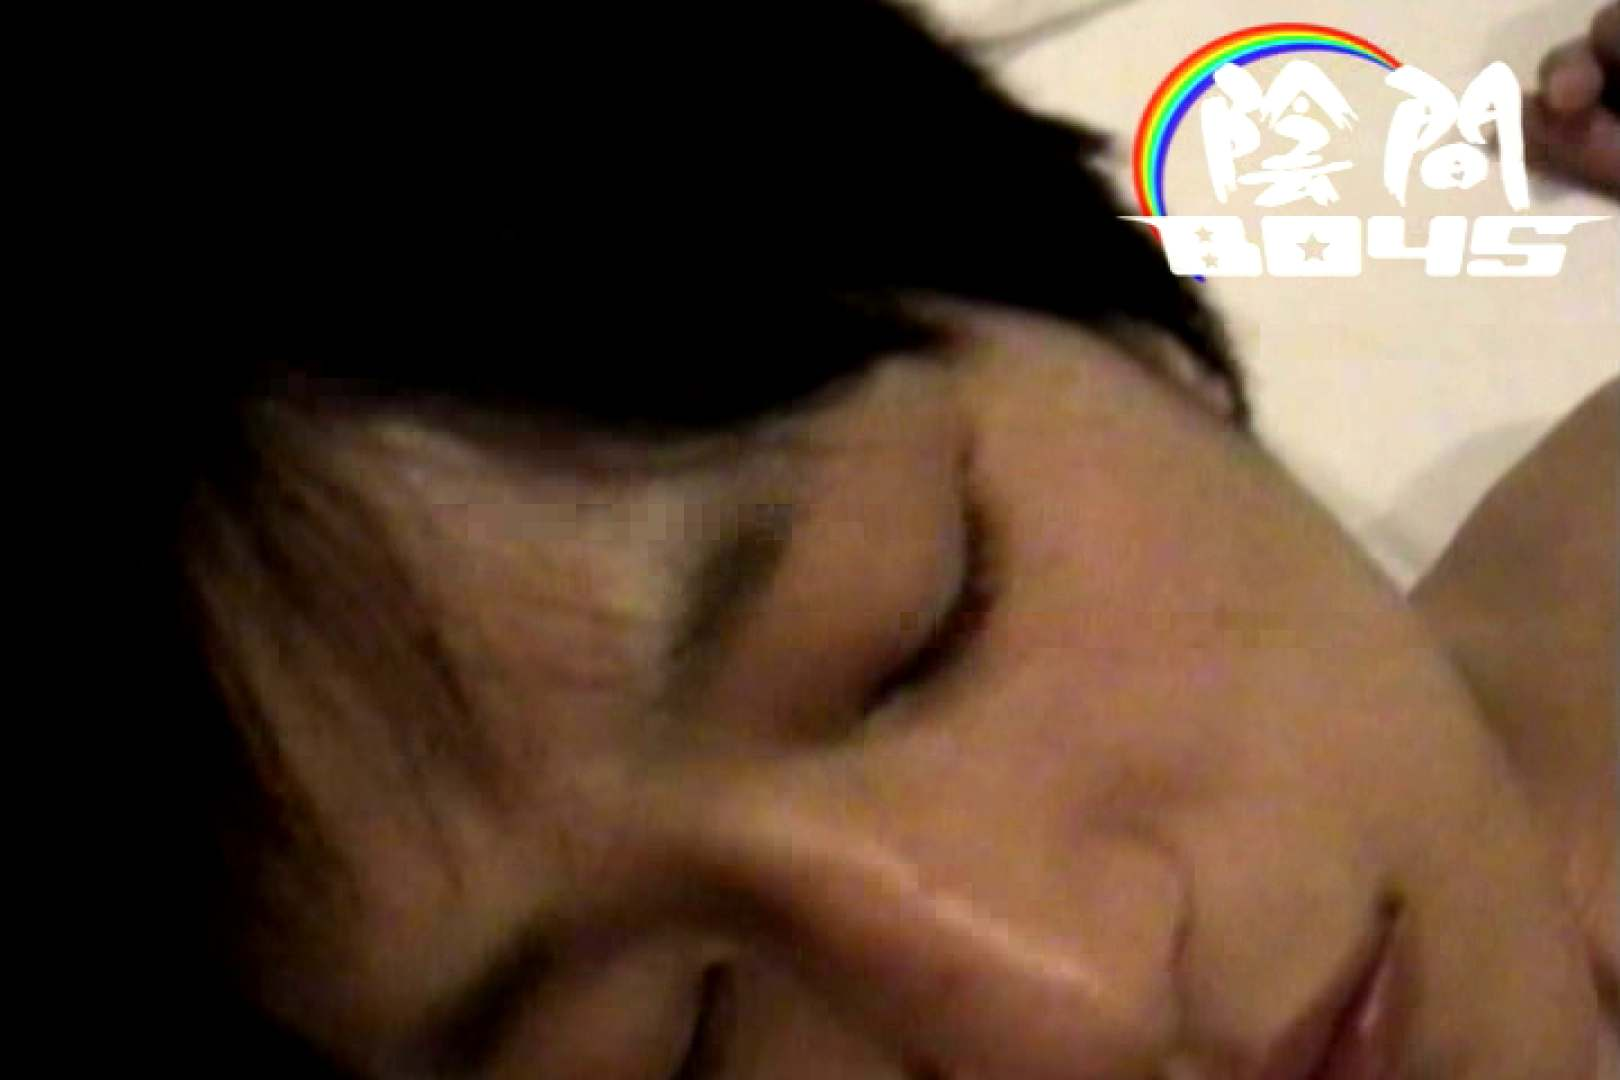 陰間BOYS~My holiday~04 オナニー 男同士動画 61pic 16